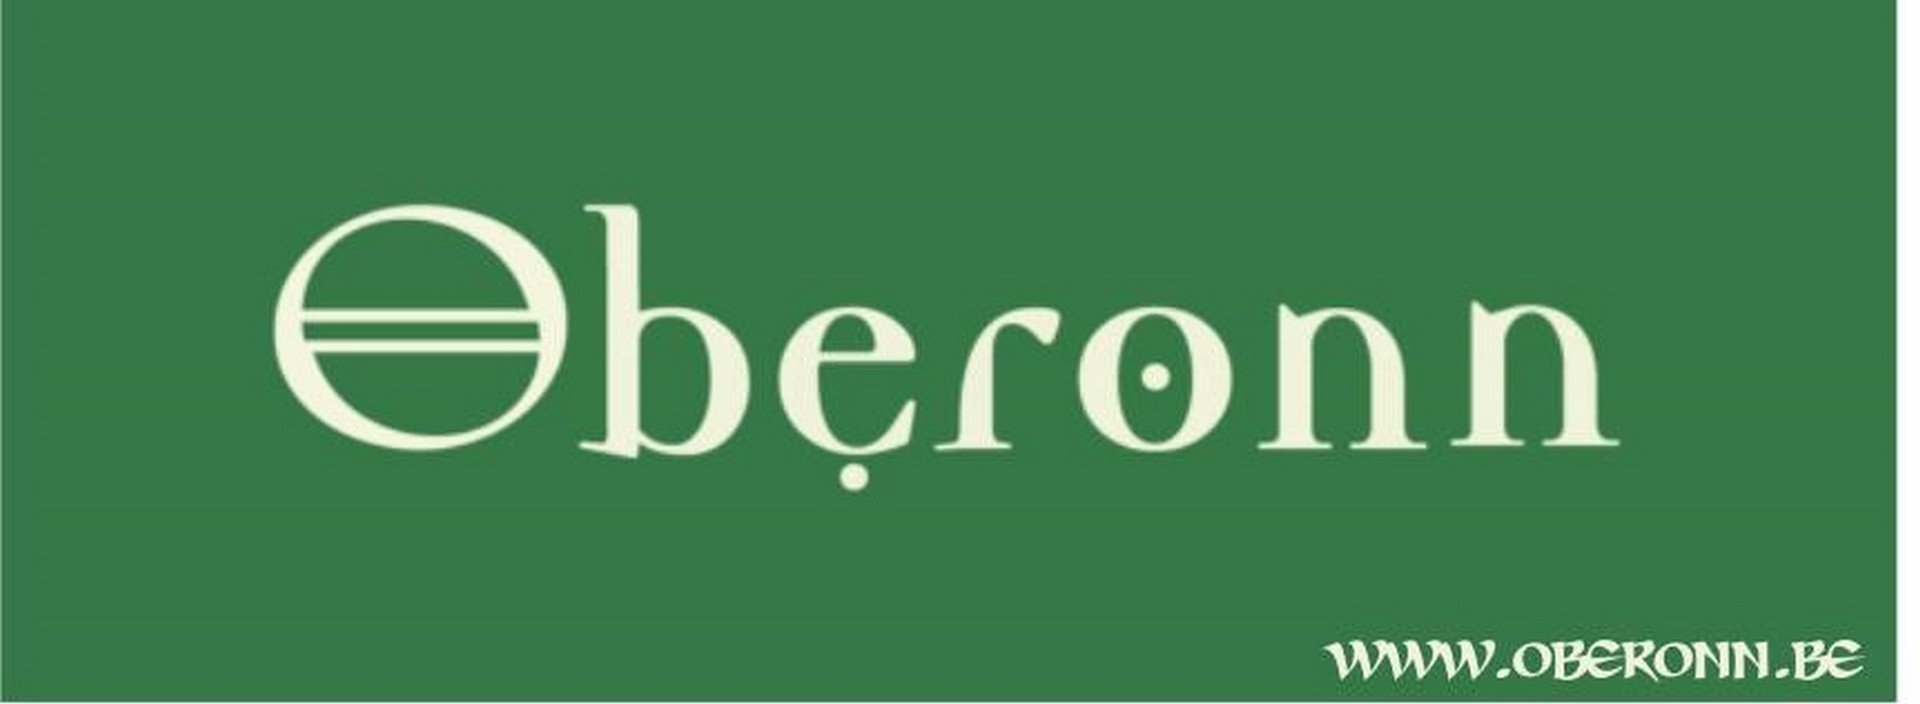 Hasseltse spellenspeciaalzaak Oberonn organiseert maandag een 'Winterland spelmiddag': - Logo Oberon